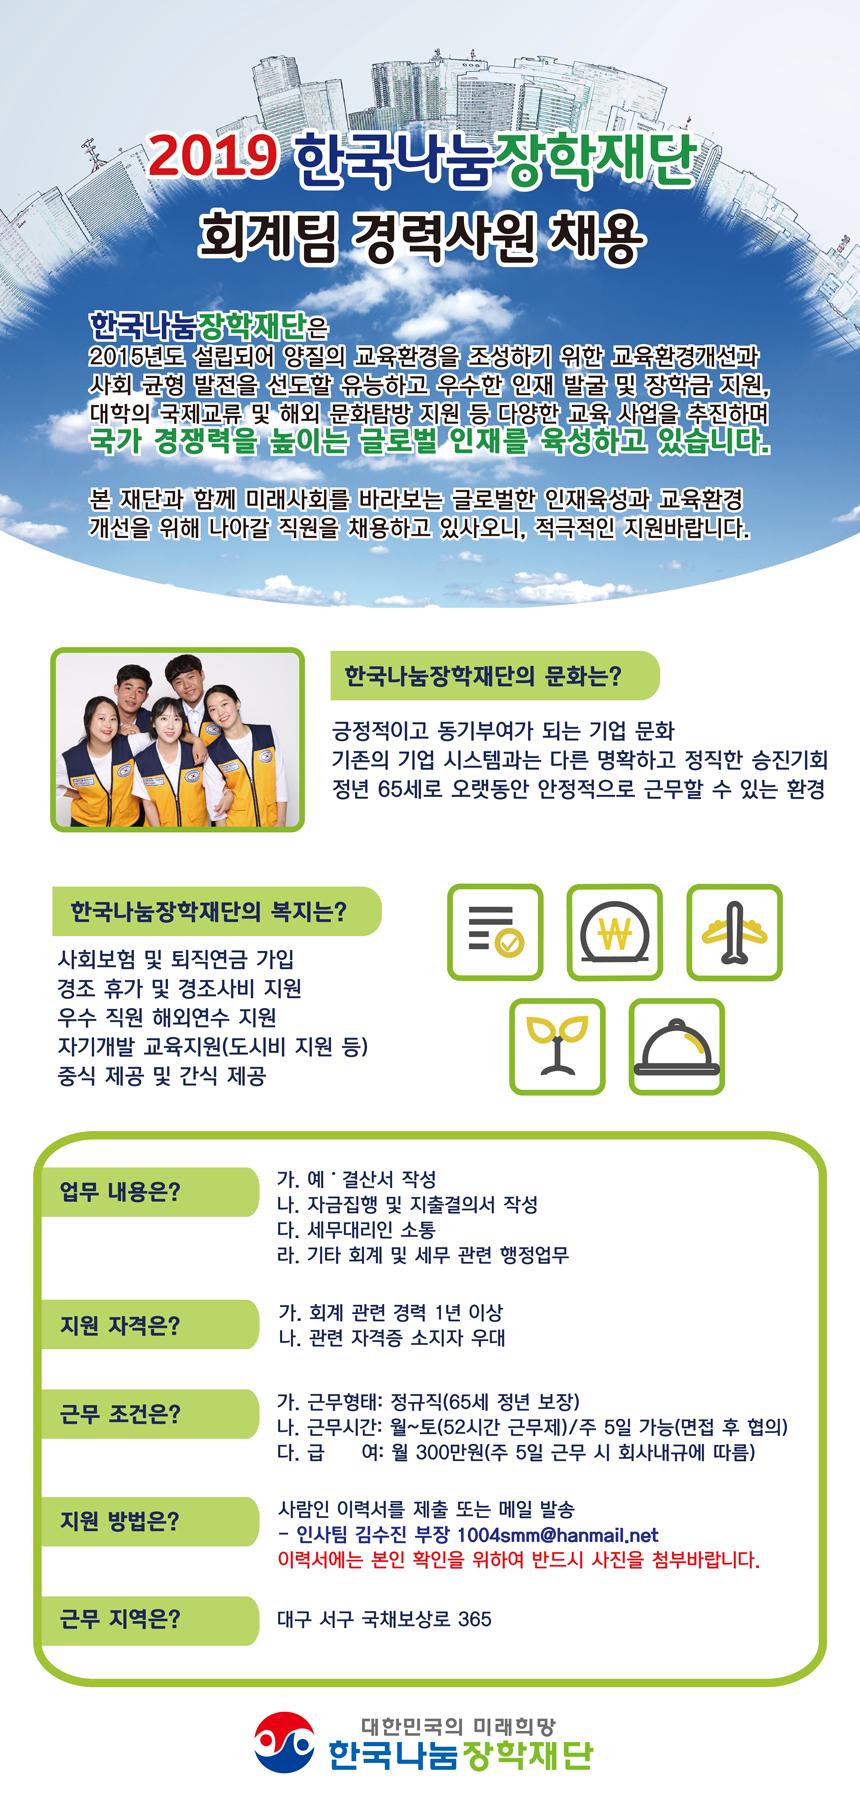 2019 한국나눔장학재단 회계팀 경력사원 채용